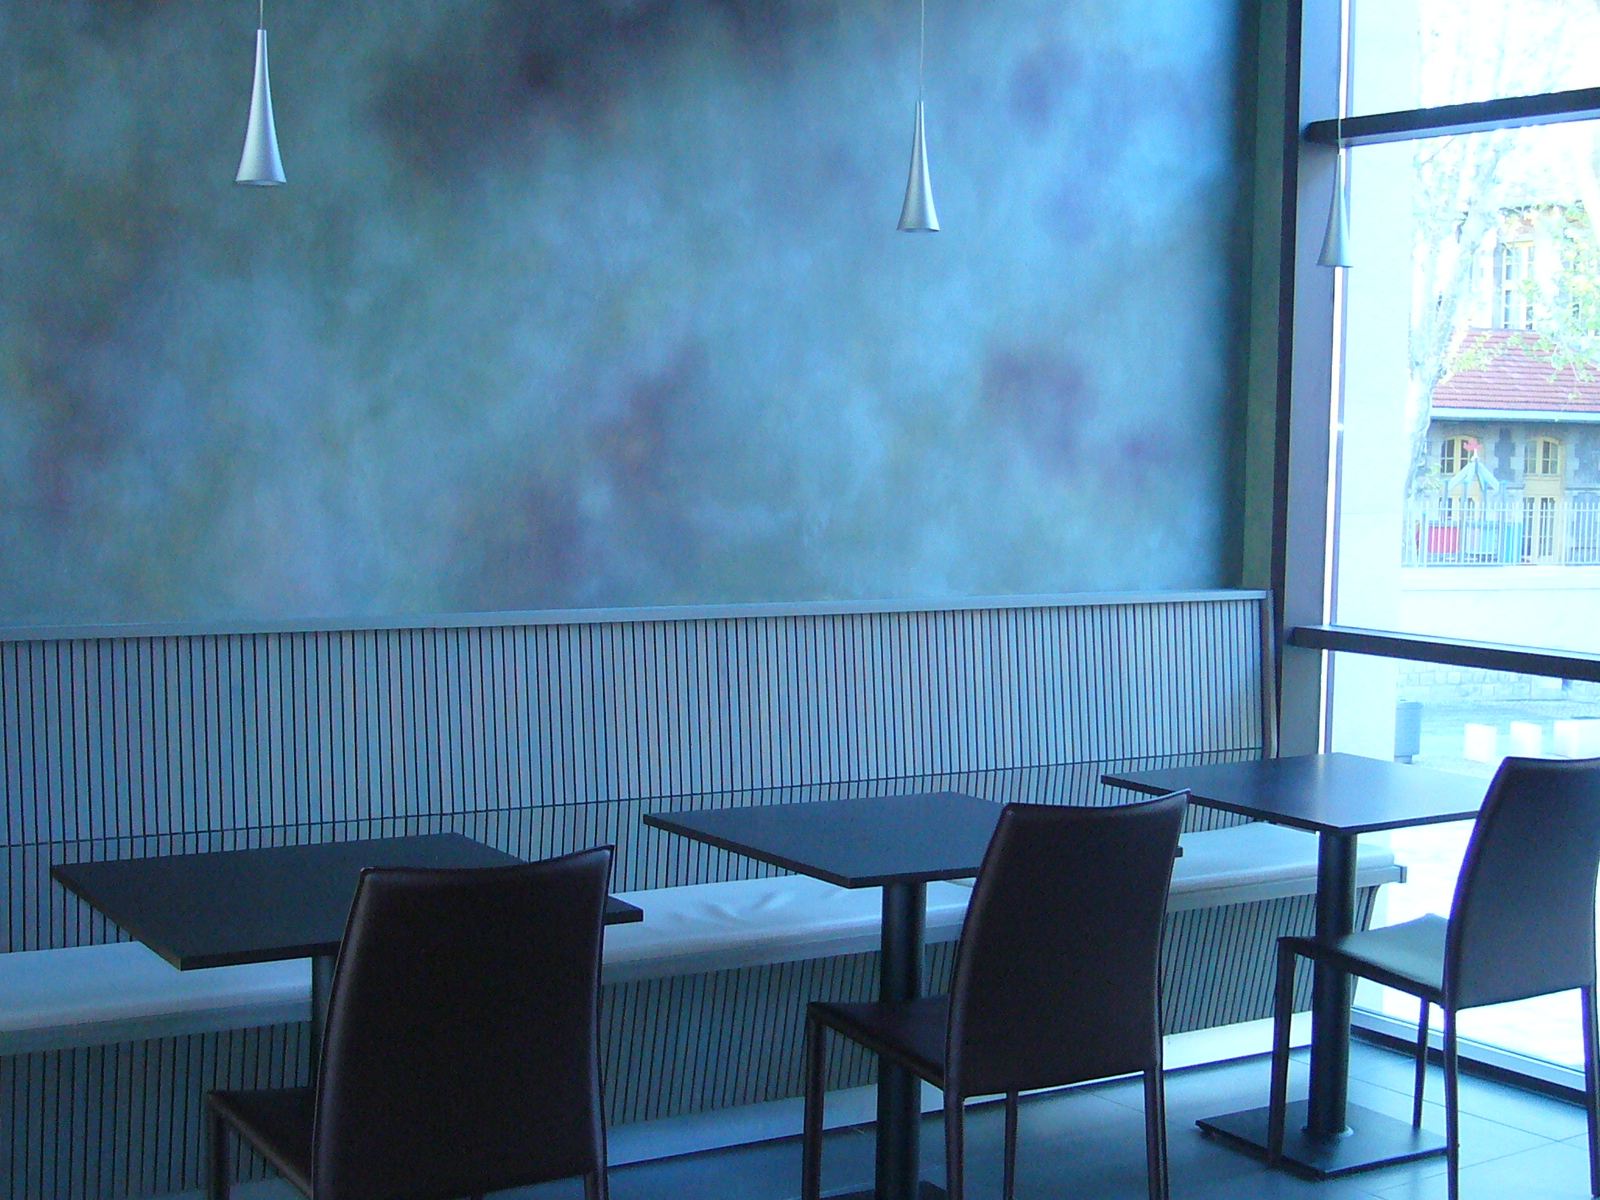 Banquettes restaurant Le Chapitre